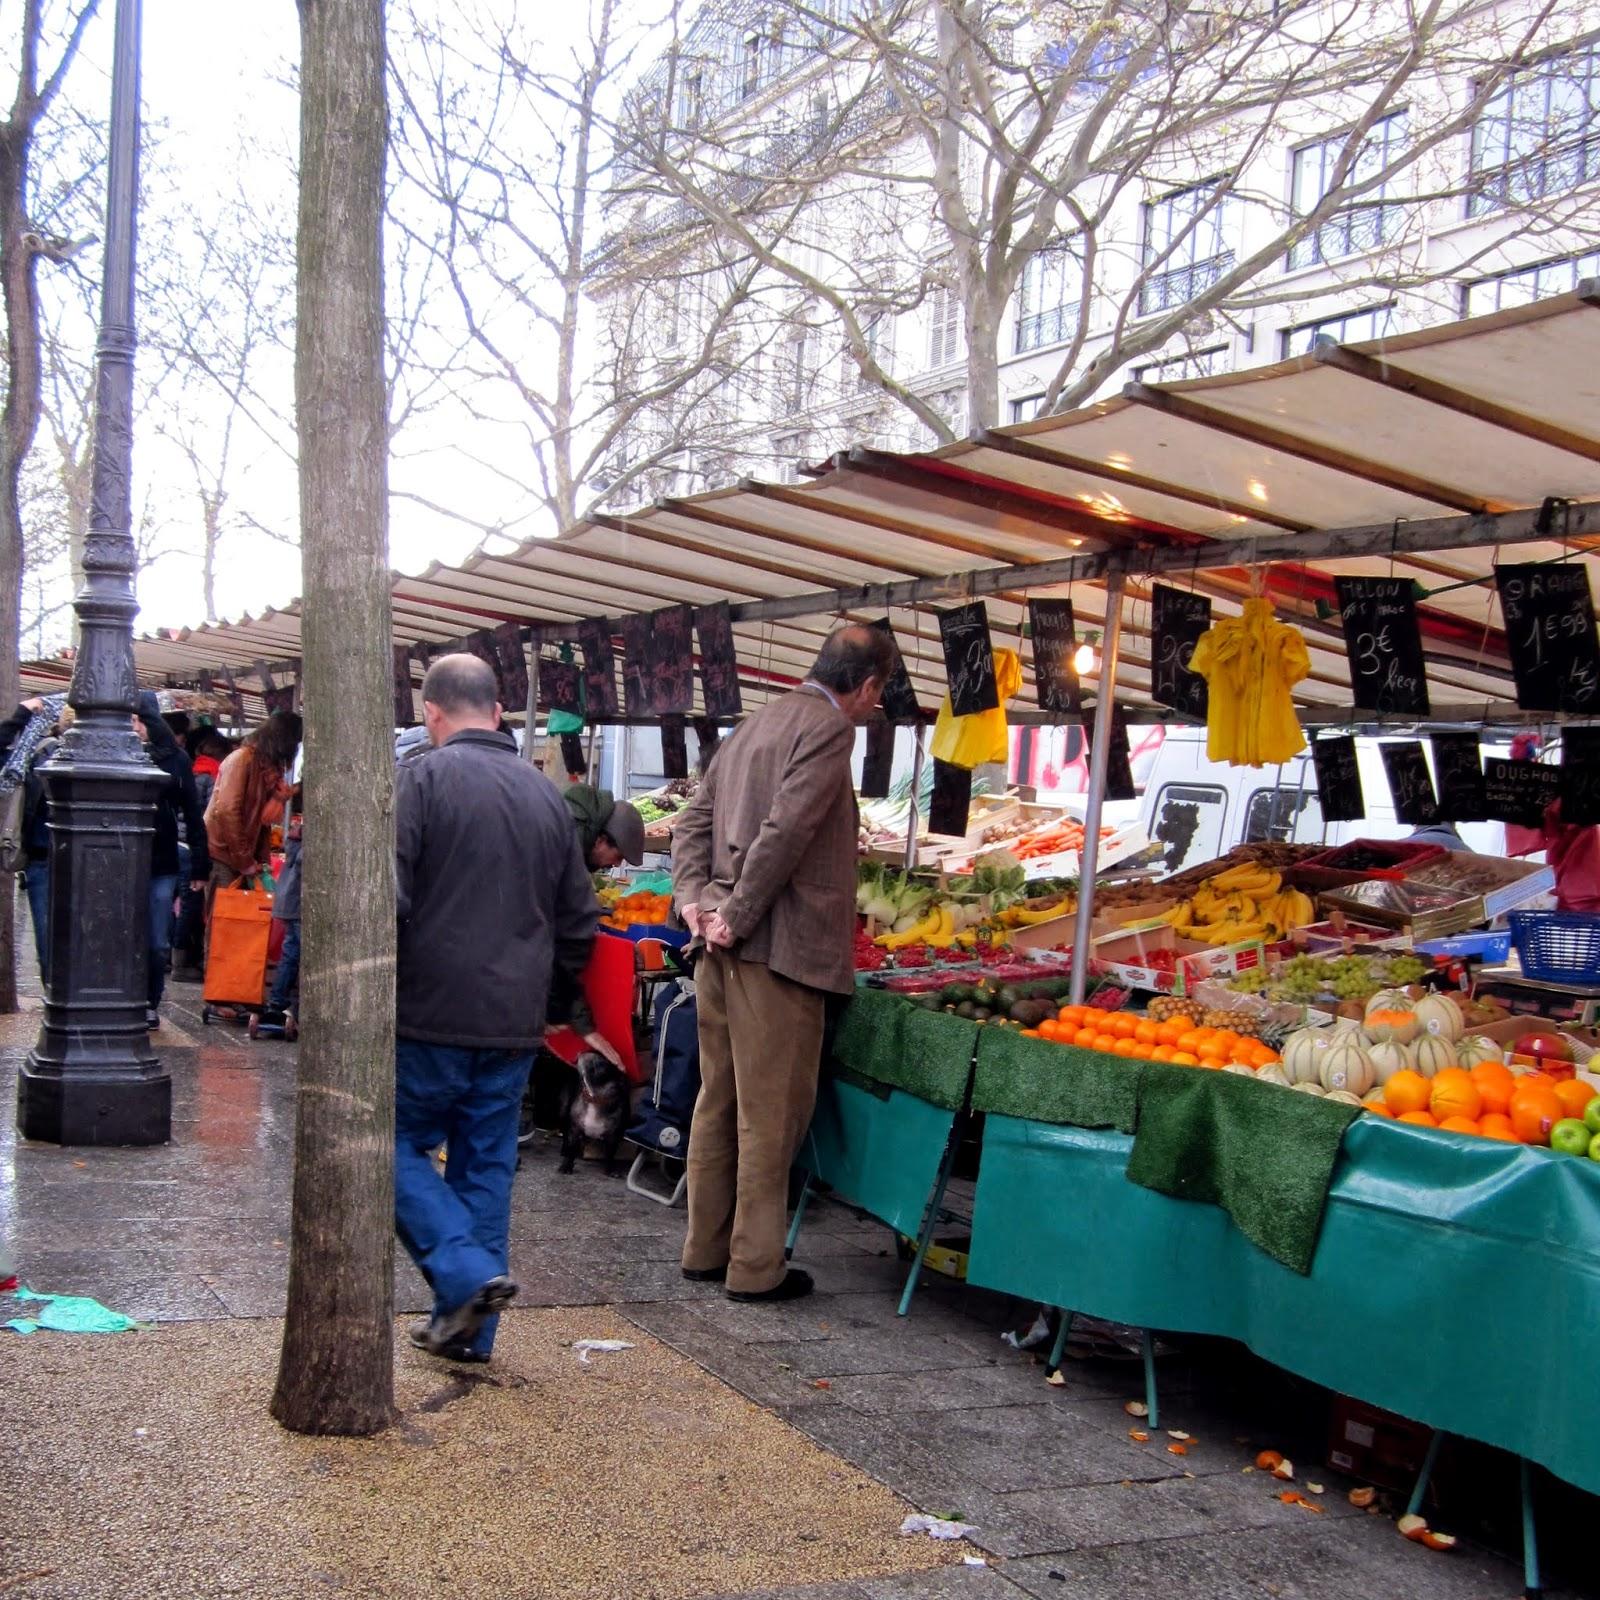 Marché Bastille Sunday Paris France